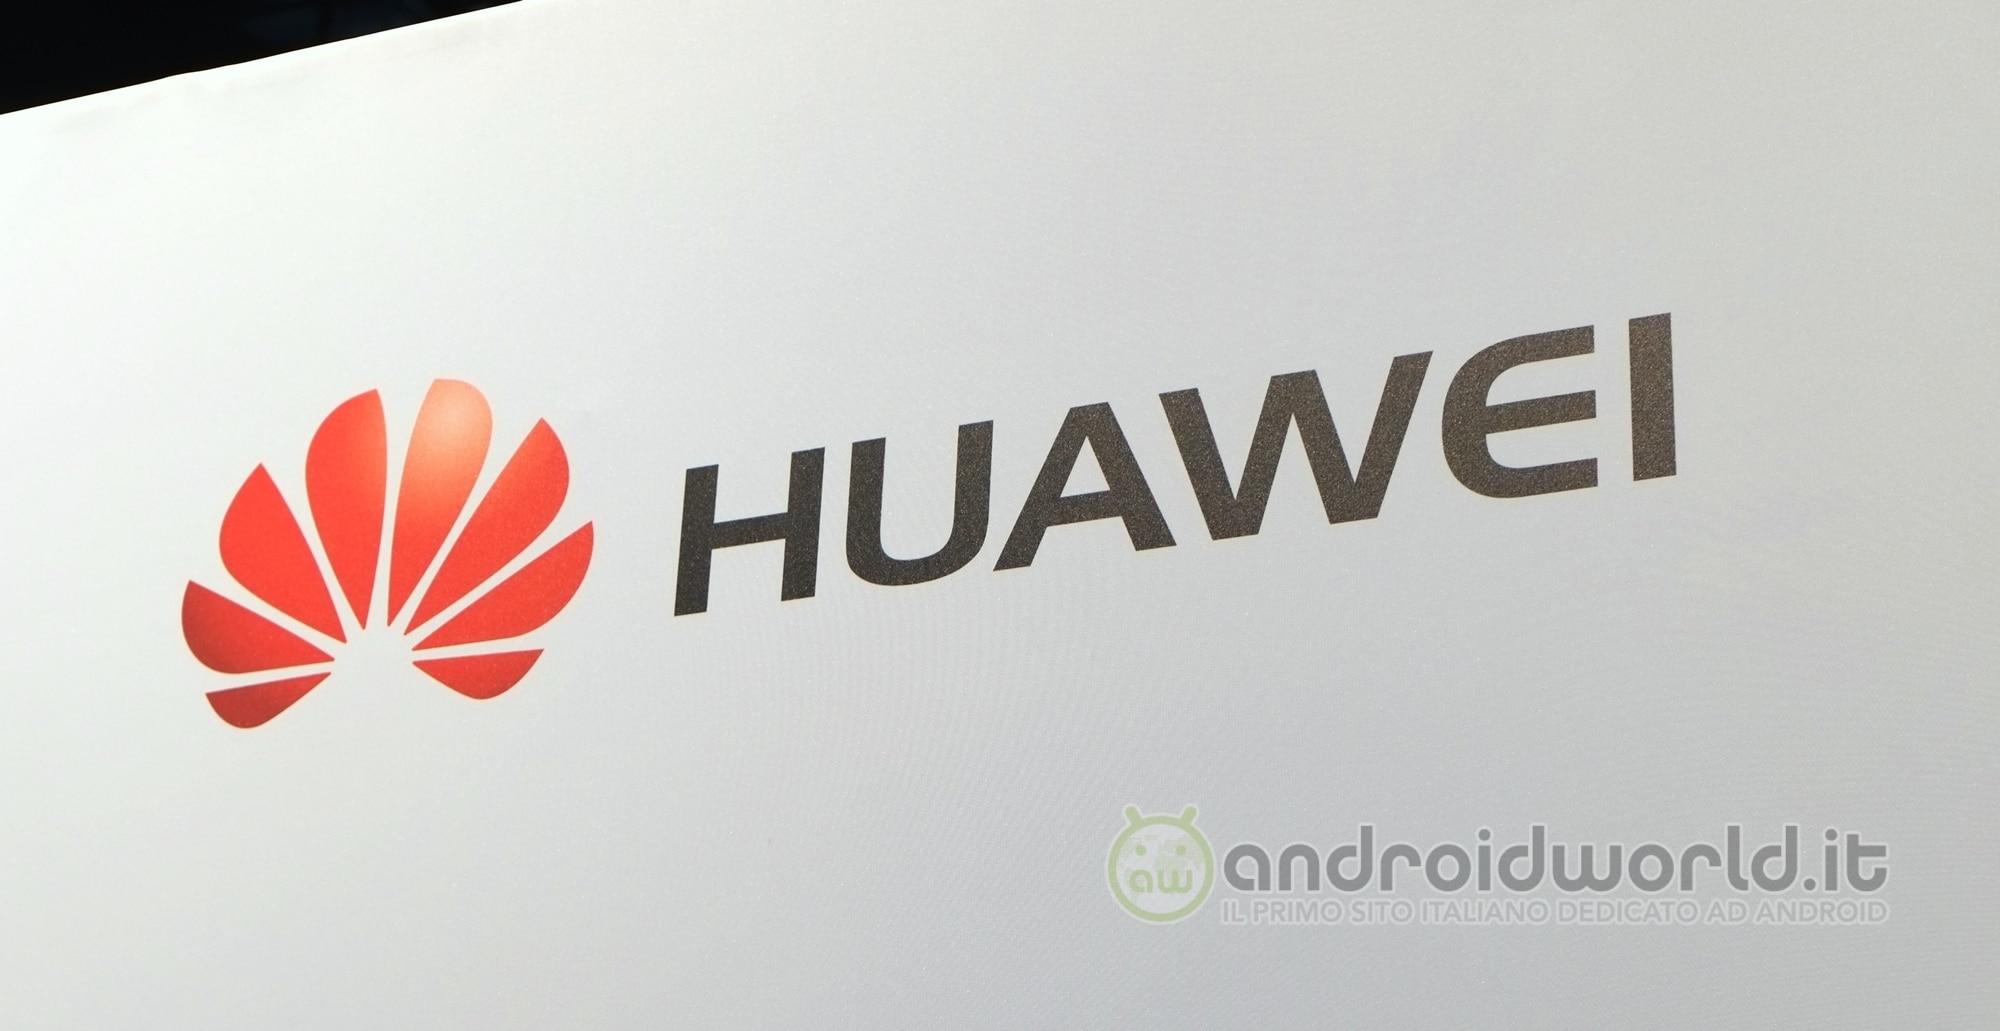 Huawei presenterà un nuovo top gamma il 3 novembre, sarà forse Mate 9?